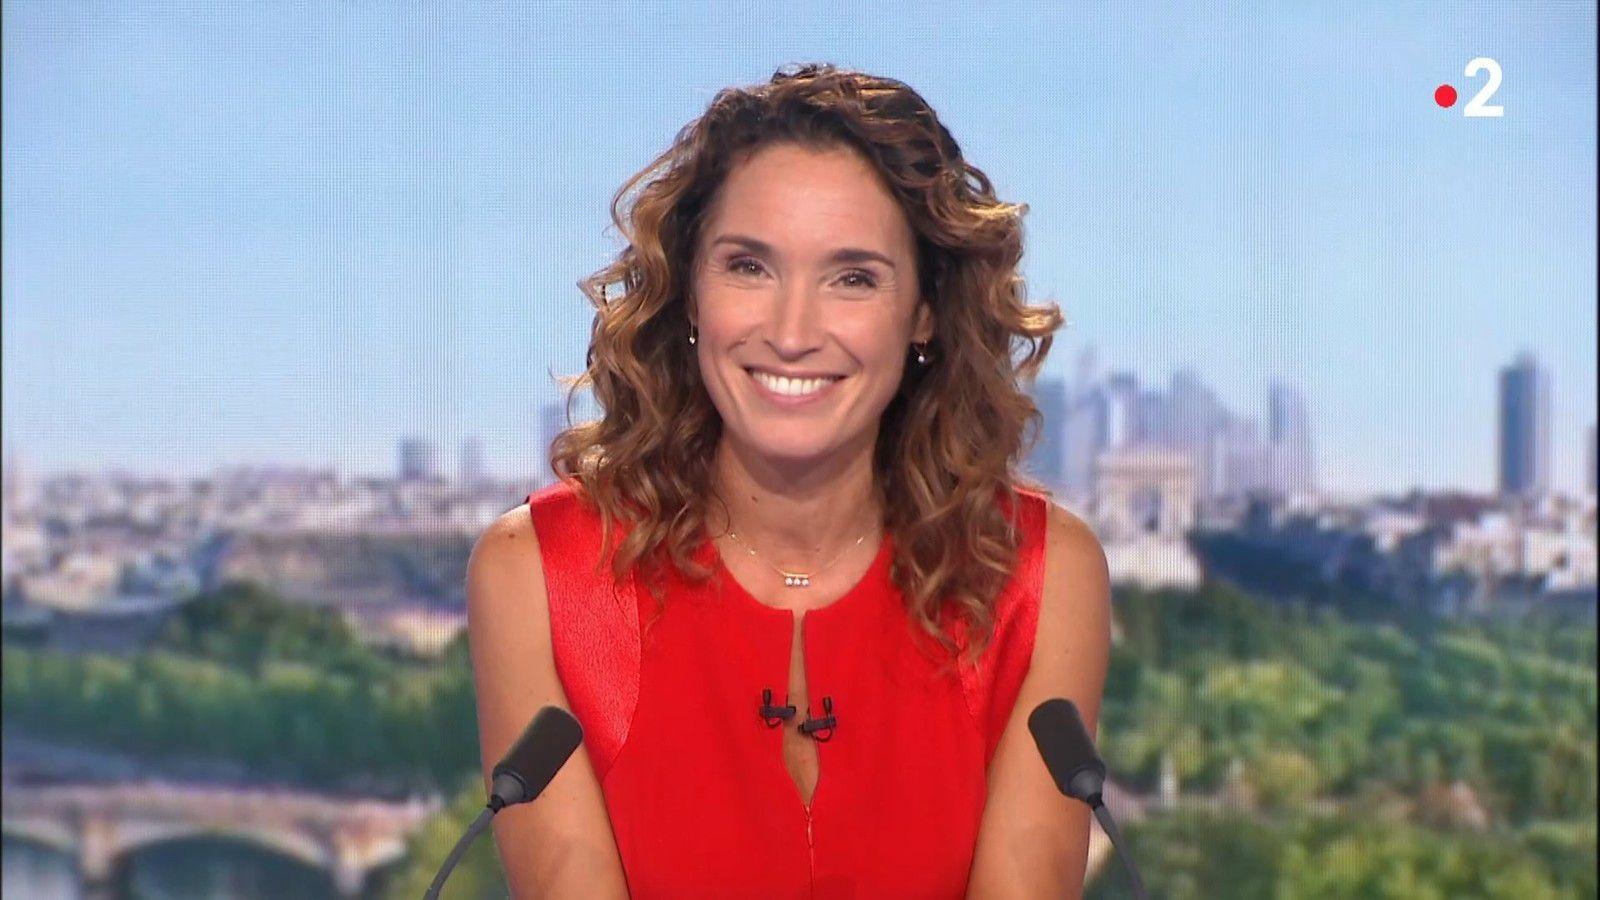 Marie-Sophie Lacarrau - 16 Septembre 2020